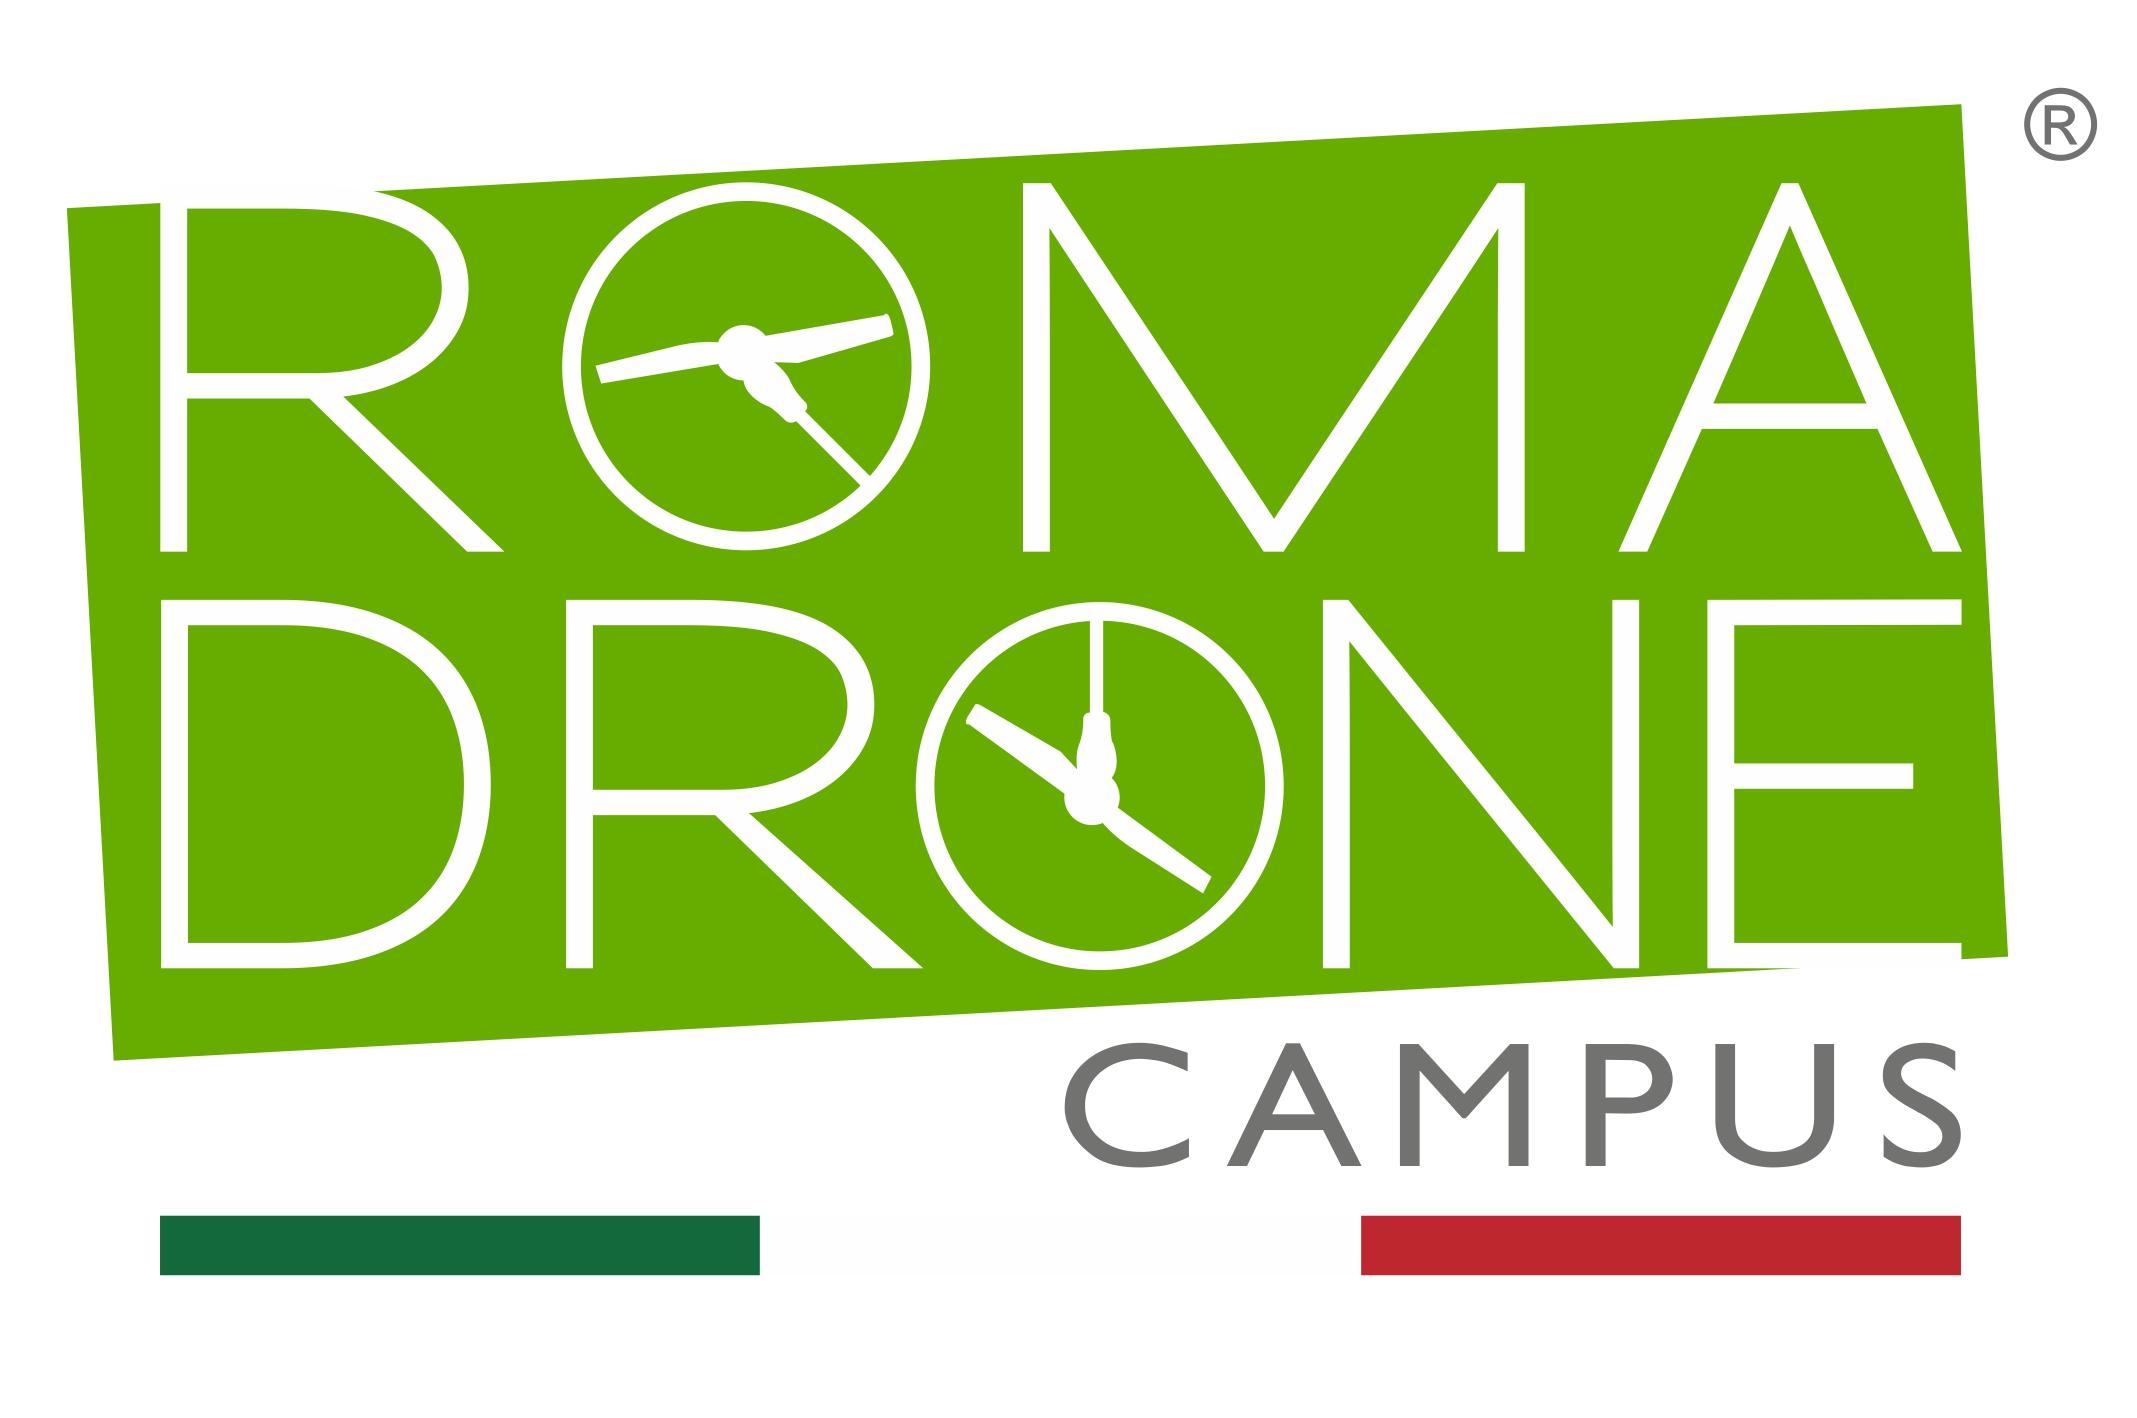 Prontuario delle infrazioni con i droni: ultimi aggiornamenti al Roma Drone Campus 2018